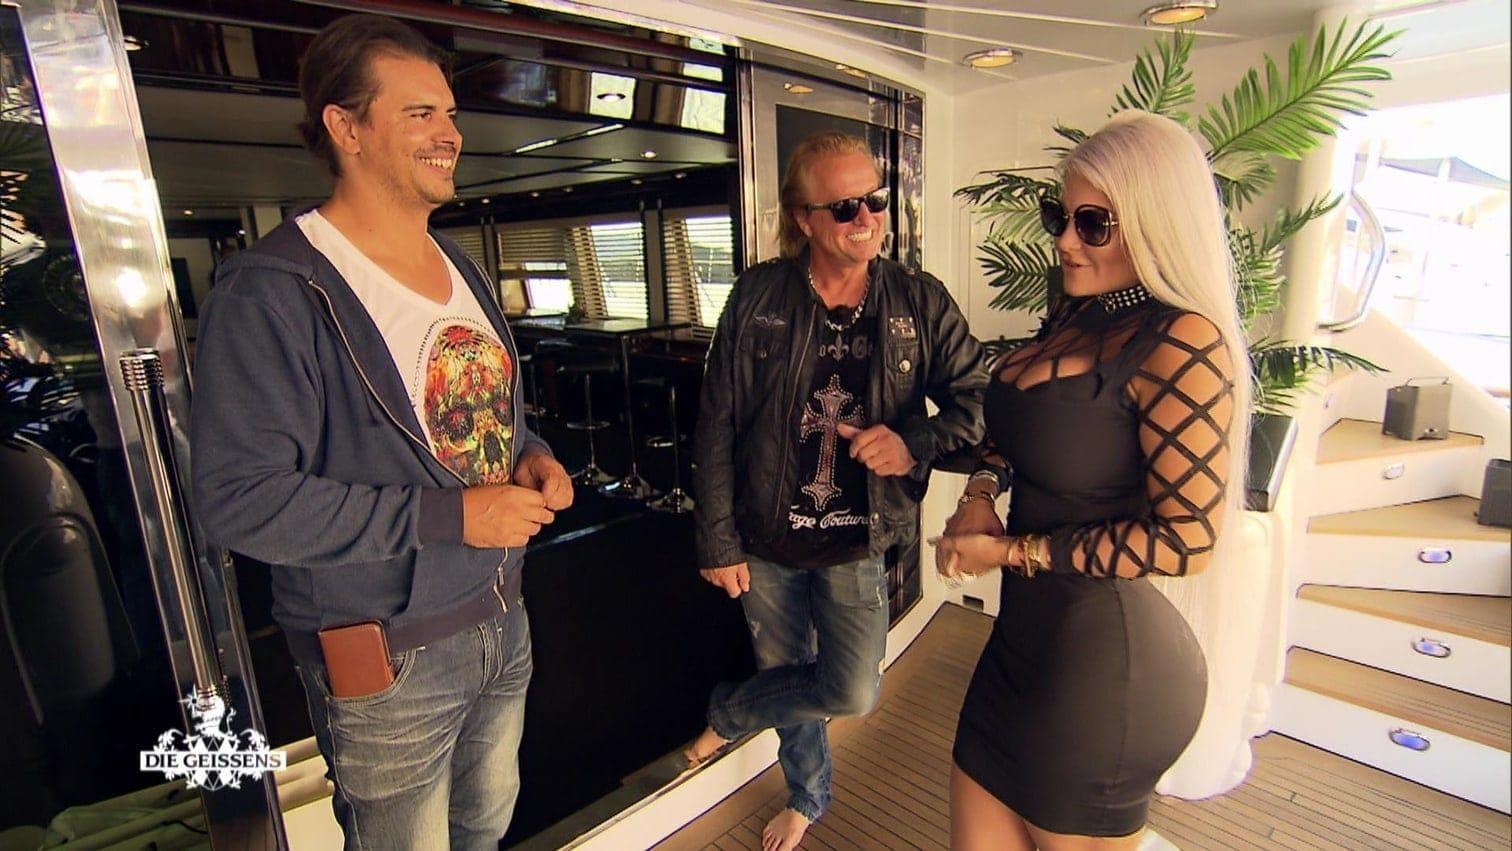 Foto: obs/RTL II